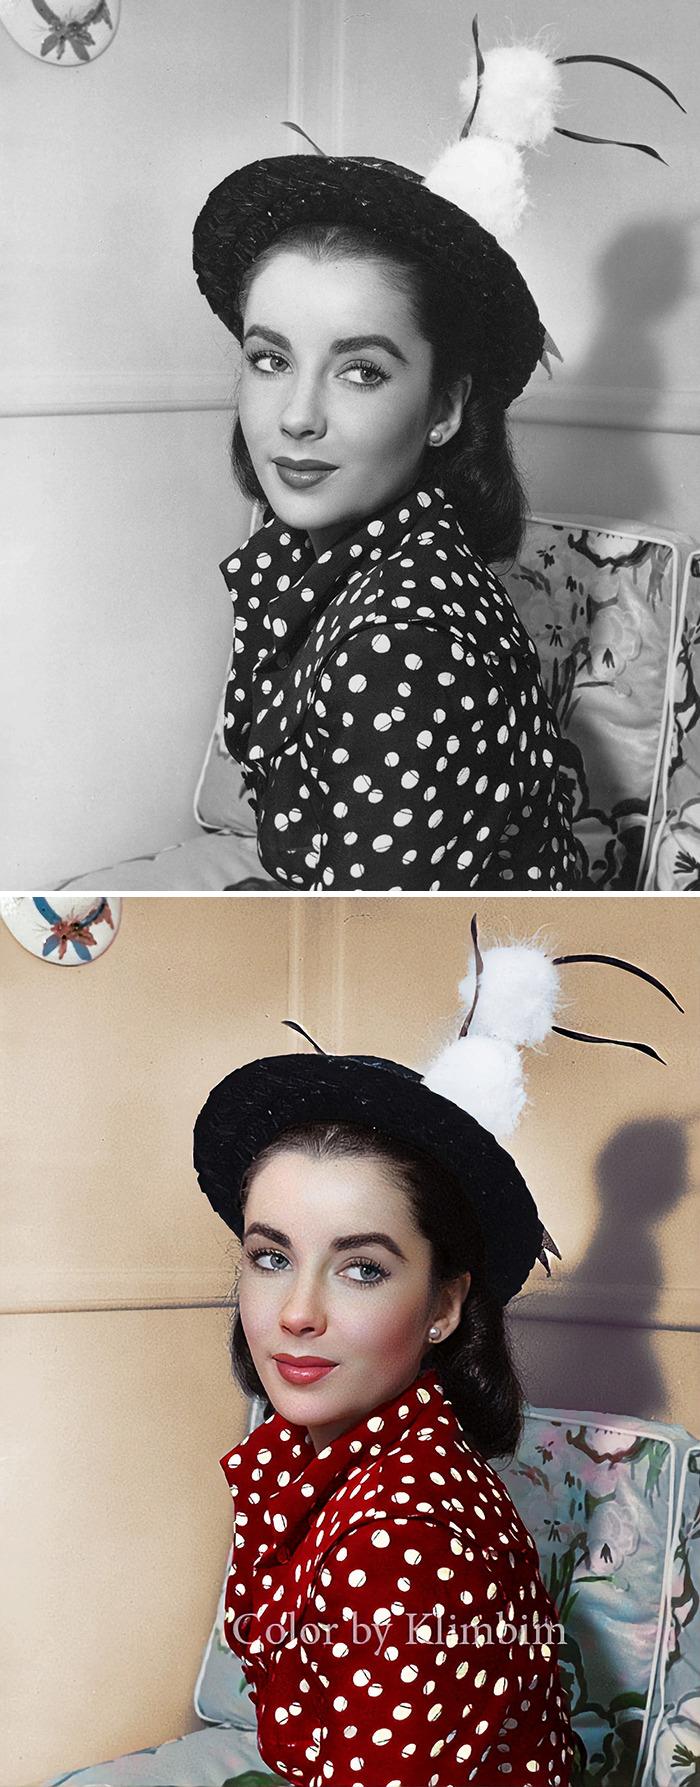 5e69f0bf3f636 This Russian artist impresses by giving vivid colors to photos of celebrities from the past 5e679b1a426ed png  700 - Projetos gráficos: A arte em colorir vídeos e fotos em preto e branco